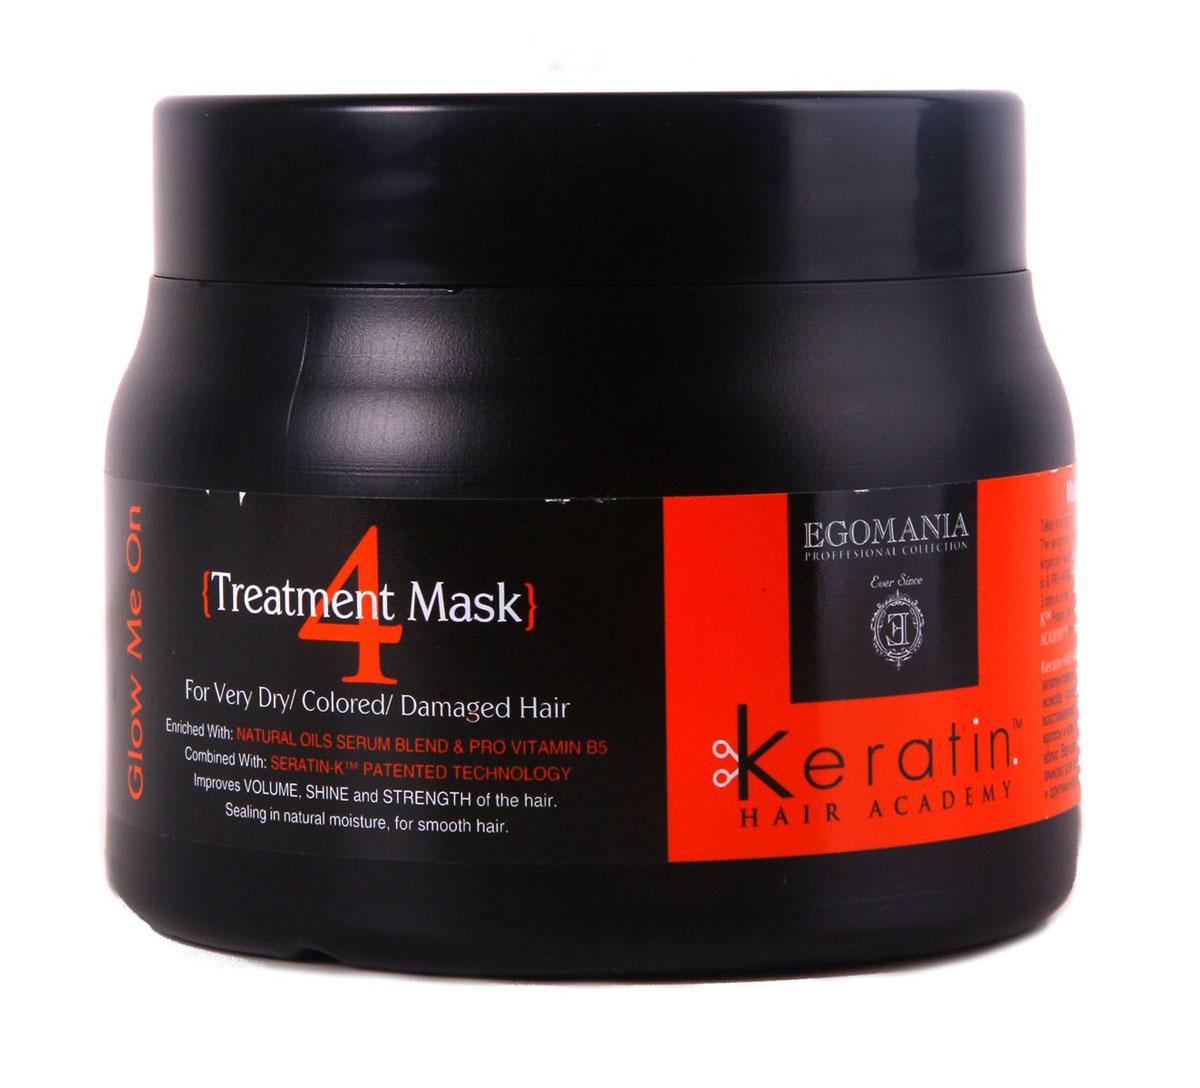 Egomania Professional Collection Маска Keratin Hair Academy Во всем блеске! для очень сухих, окрашенных и поврежденных волос 500 млFS-00897Восстанавливающая маска для окрашенных, поврежденных и сухих волос, обогащенная маслами ,работает как самостоятельный продукт, благодаря уникальной формуле, которая способствует проникновению питательных компонентов в структуру волоса. Состав этого продукта уникально богат аминокислотами и маслами. Применение маски раз в неделю оказывает поддерживающий уход, полноценное питание структуры волоса и поддержание цвета. Отличительной особенностью продукта является то, что он воздействует не только на структуру волоса, но и на кожу головы, нормализуя работу сальных желез.